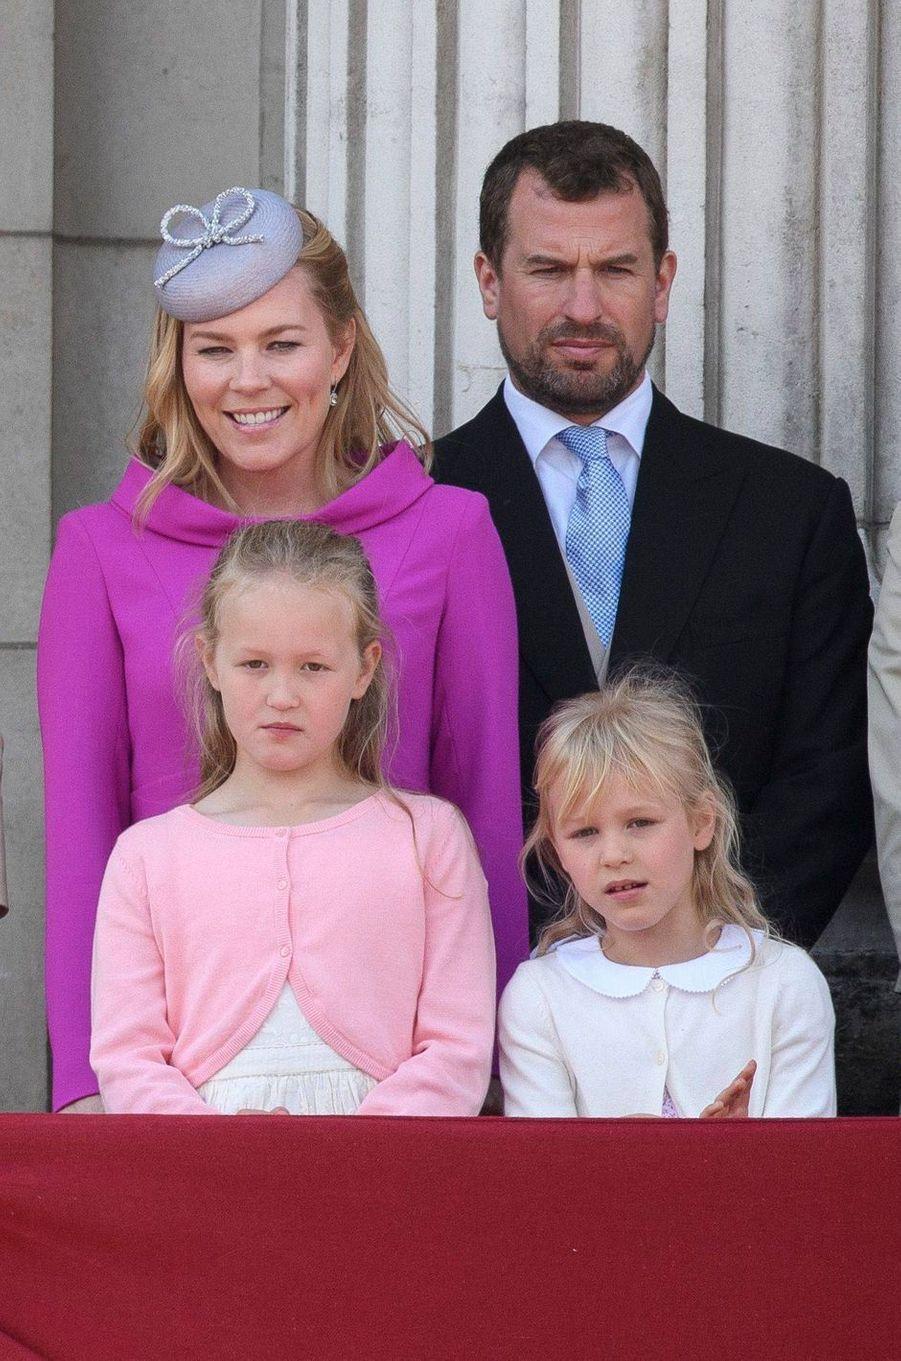 Peter et Autumn Phillips avec leurs filles Savannah et Isla au balcon de Buckingham Palace, le 8 juin 2019